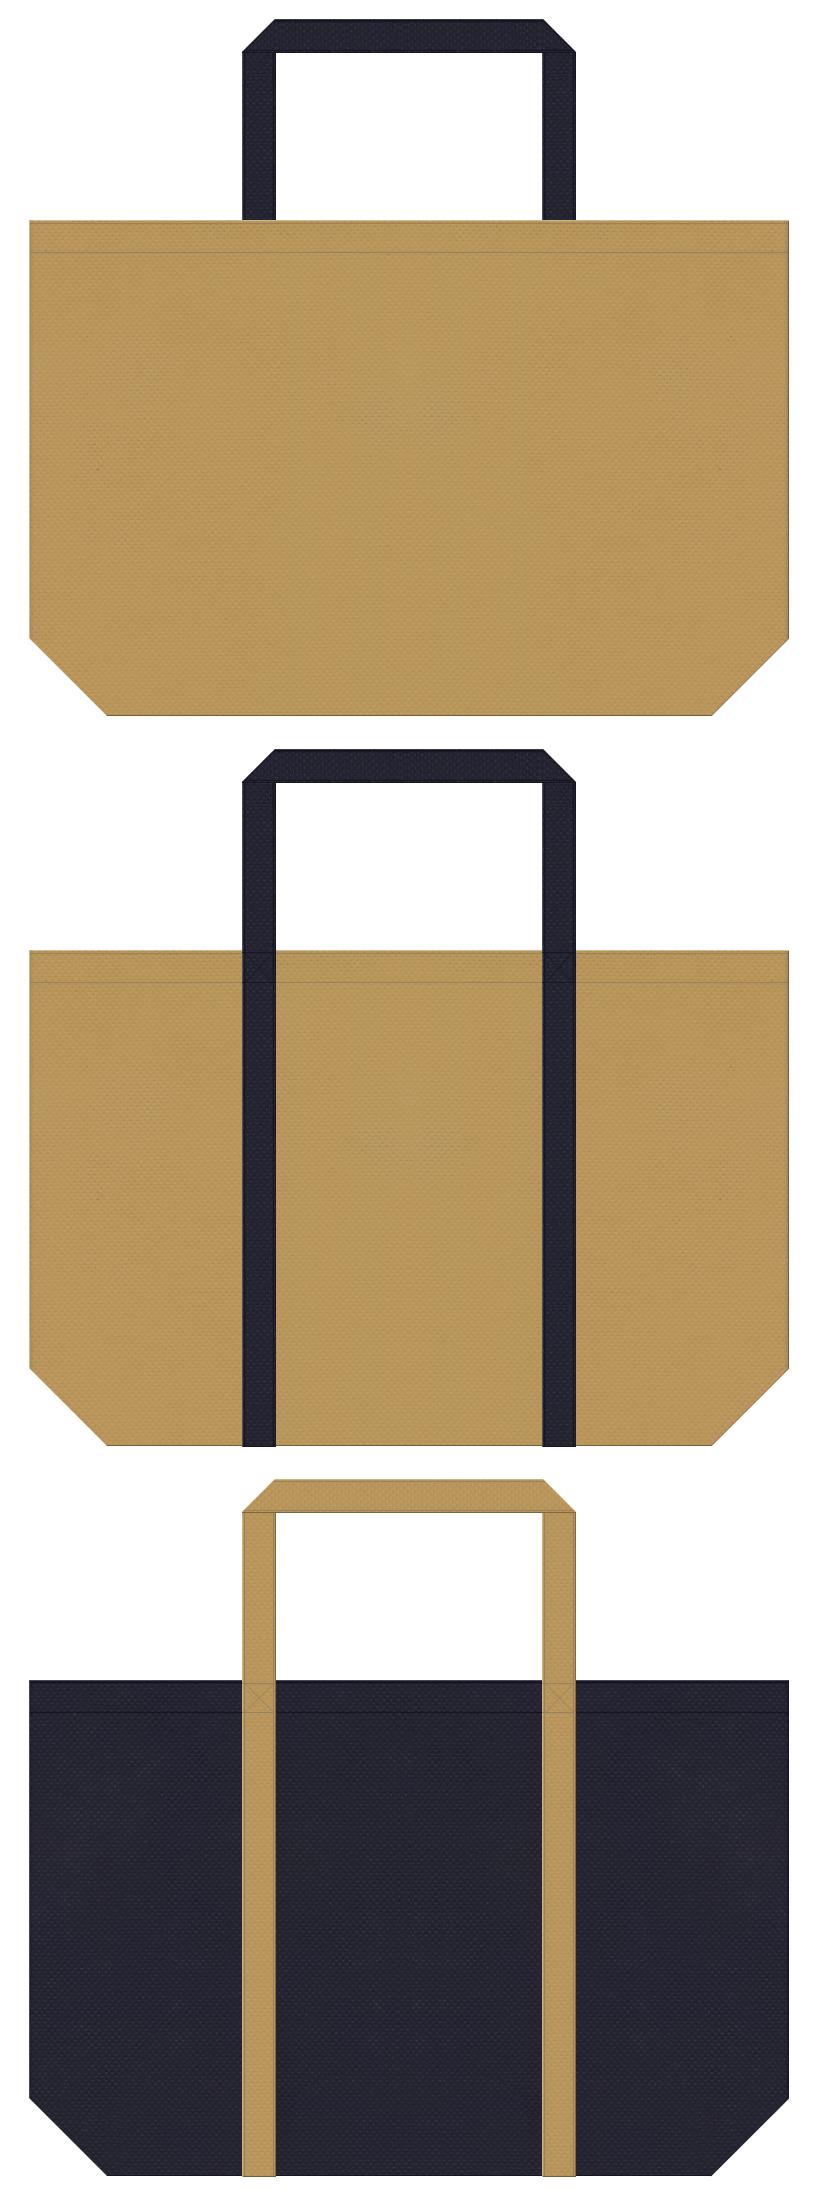 インディゴデニム・ジーンズ・カジュアル・アウトレットのショッピングバッグにお奨めの不織布バッグデザイン:マスタード色と濃紺色のコーデ